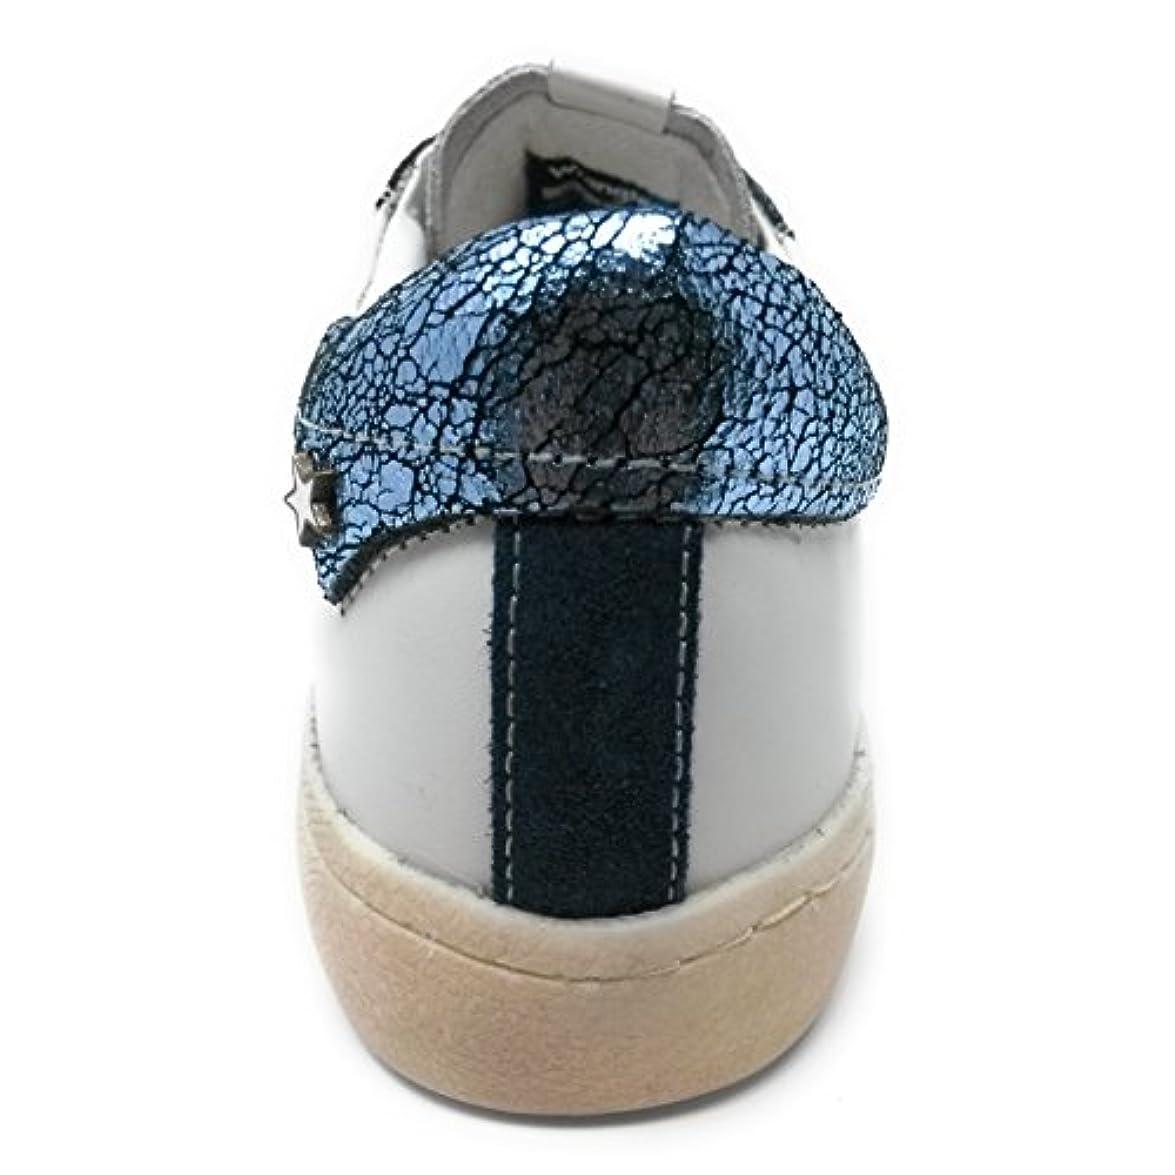 Wrangler Da Donna Sneaker Clever Wrg Wl 181532 nbsp;bianco Navy In Pelle Gr 37 nbsp;uk 4